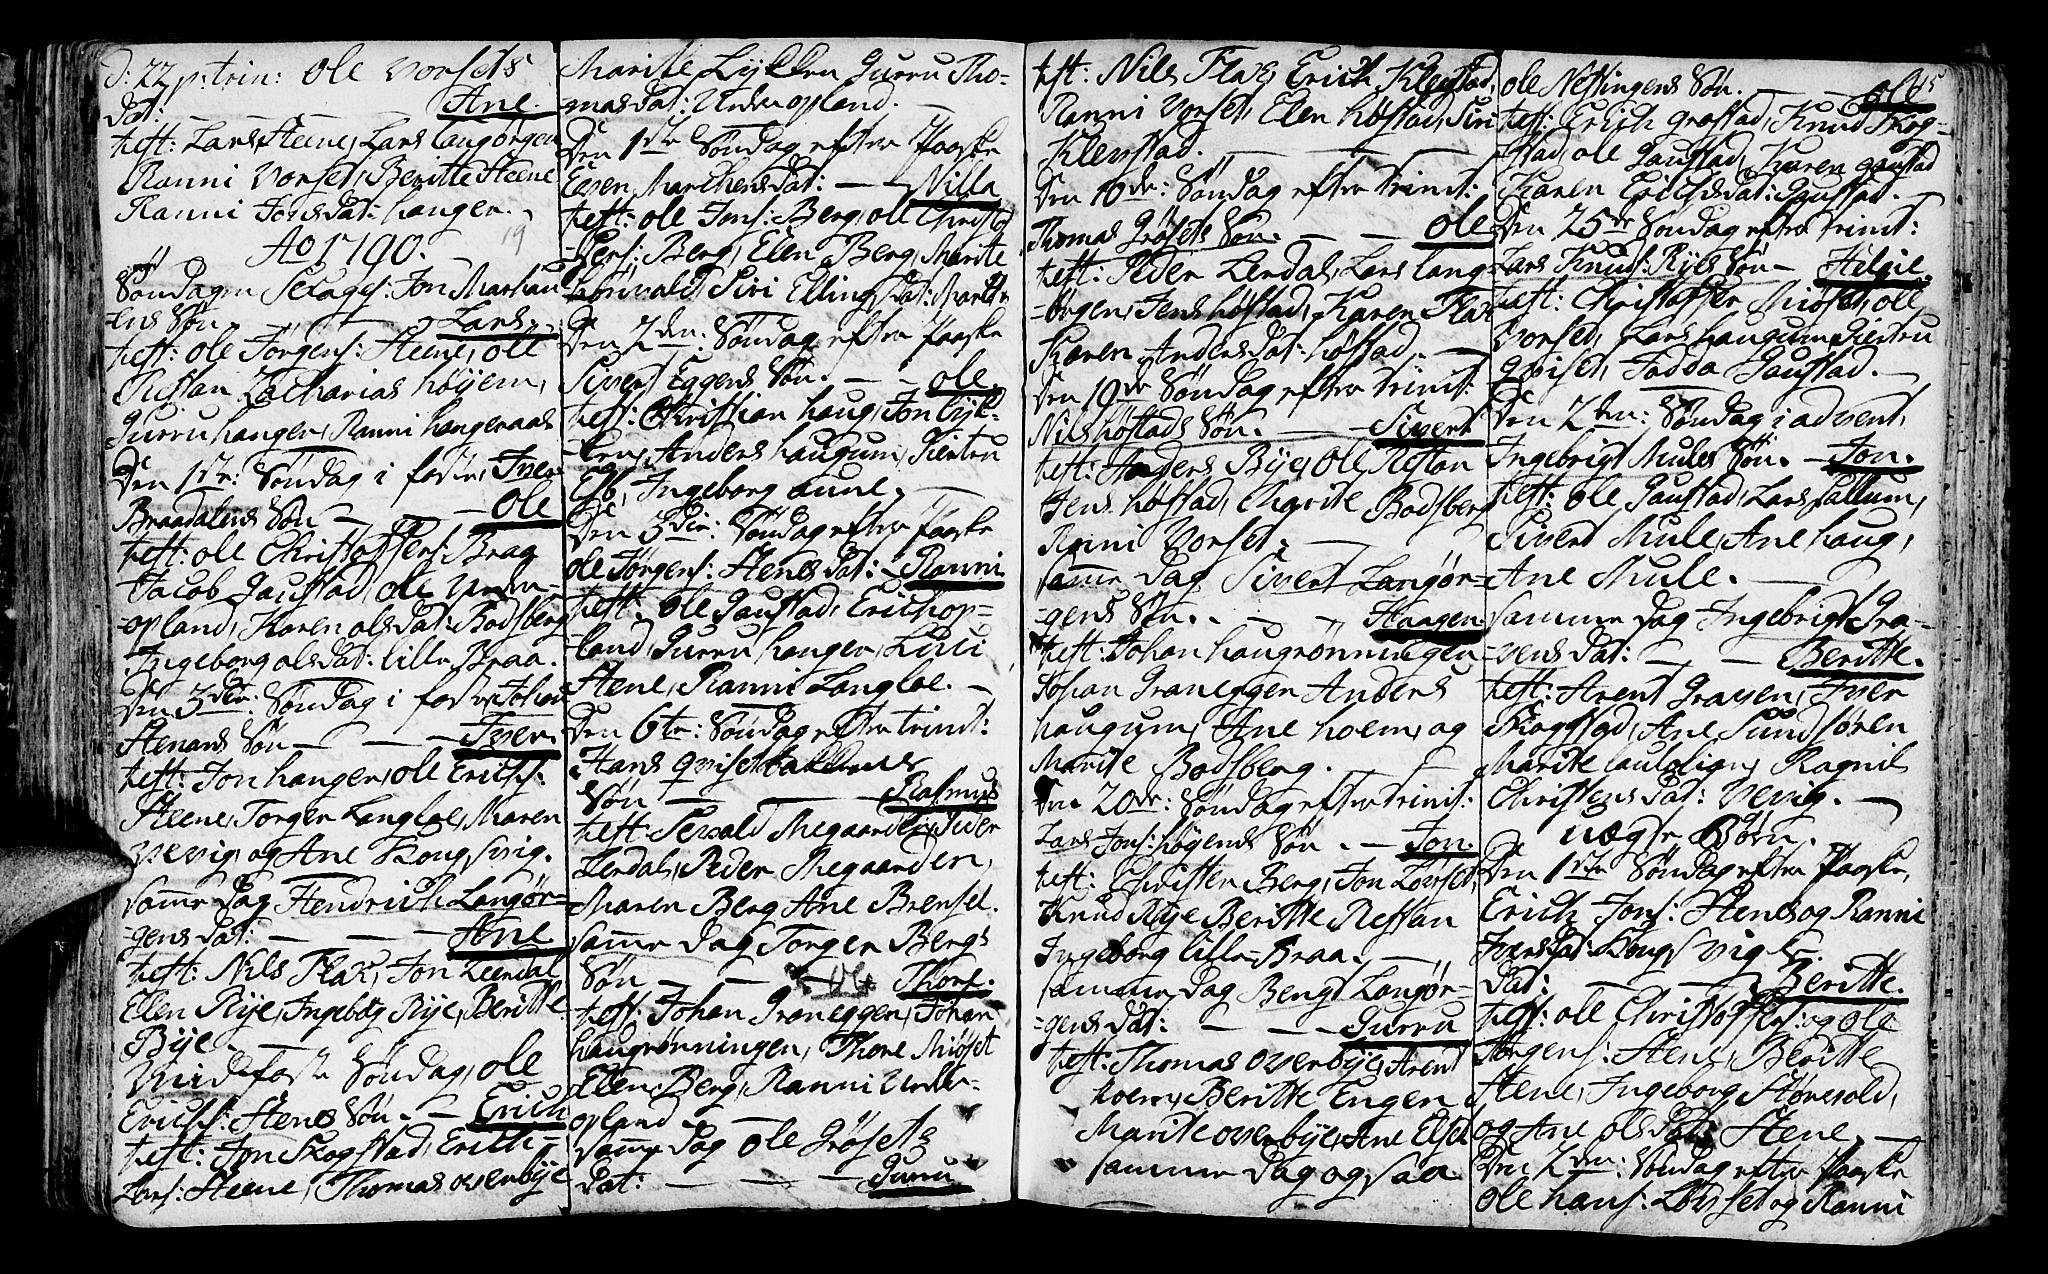 SAT, Ministerialprotokoller, klokkerbøker og fødselsregistre - Sør-Trøndelag, 612/L0370: Ministerialbok nr. 612A04, 1754-1802, s. 115